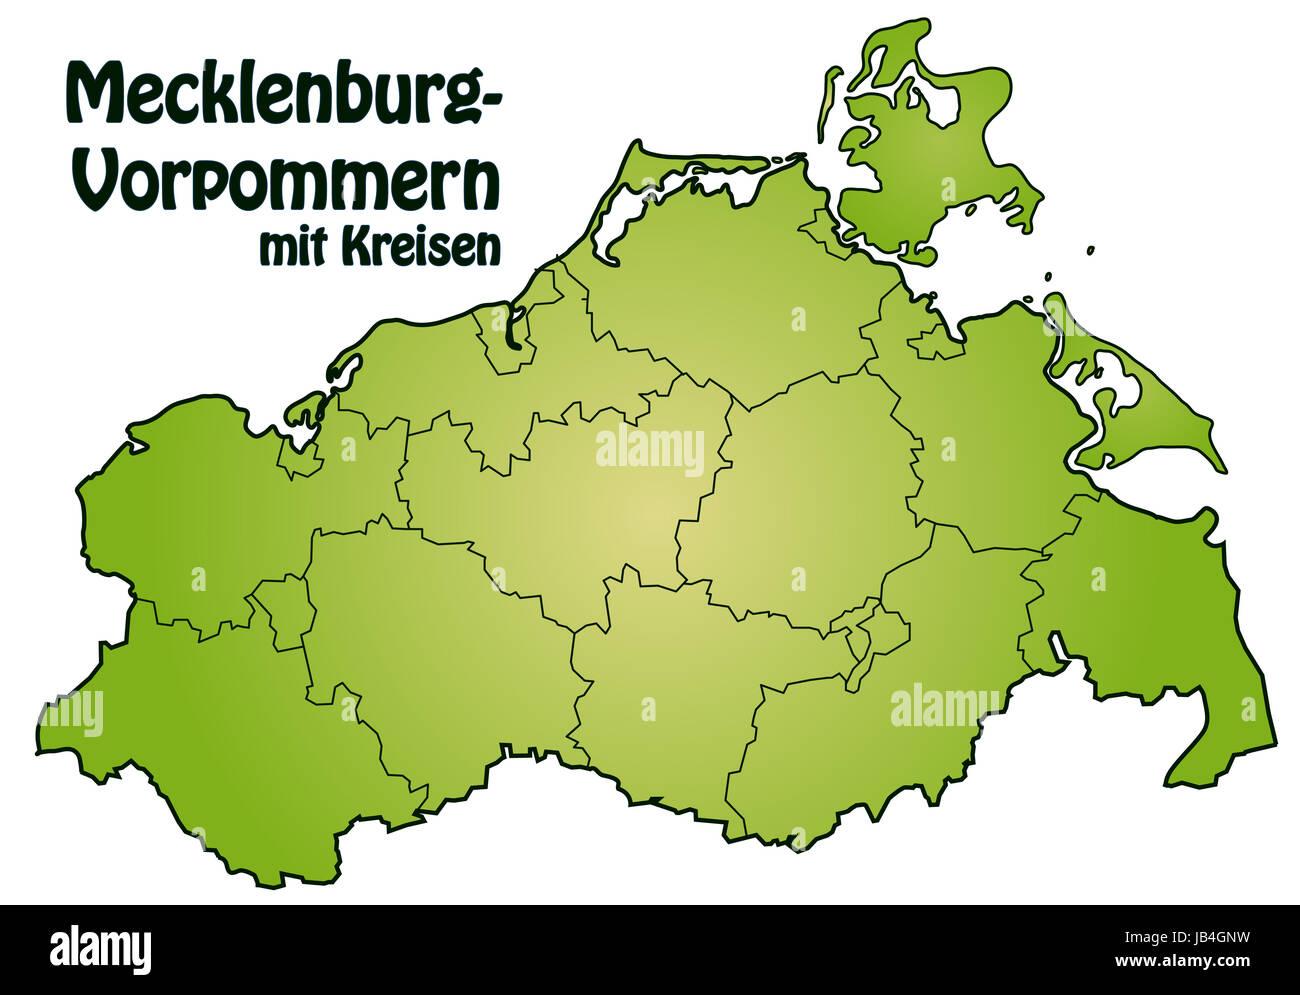 Bei der Darstellung des Gebietes wurde besonders großer Wert auf die Übersichtlichkeit gelegt. Die Karte - Stock Image